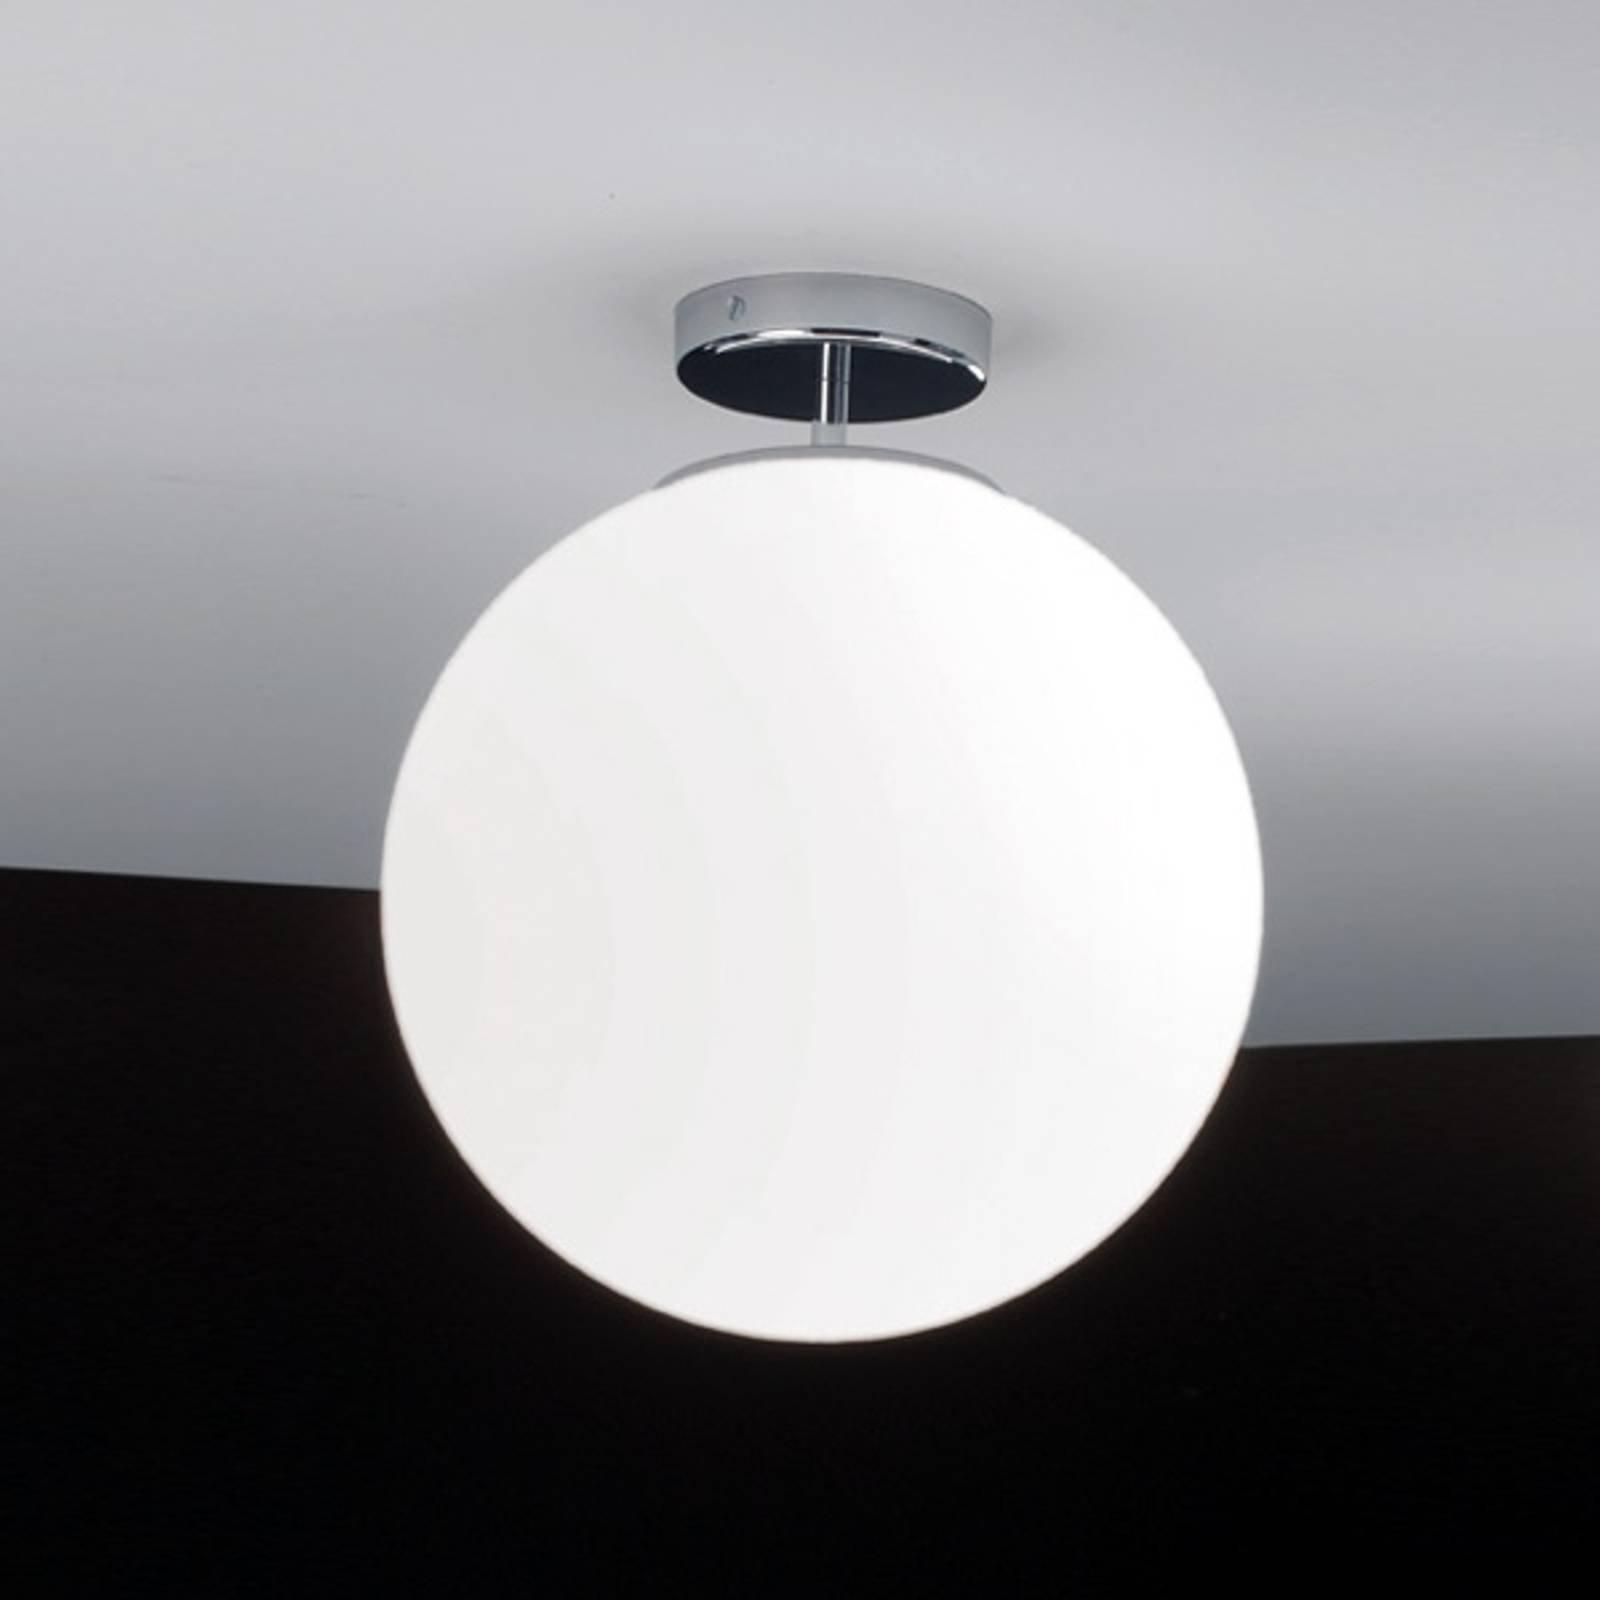 Kromfarget Sferis taklampe av glass på 30 cm